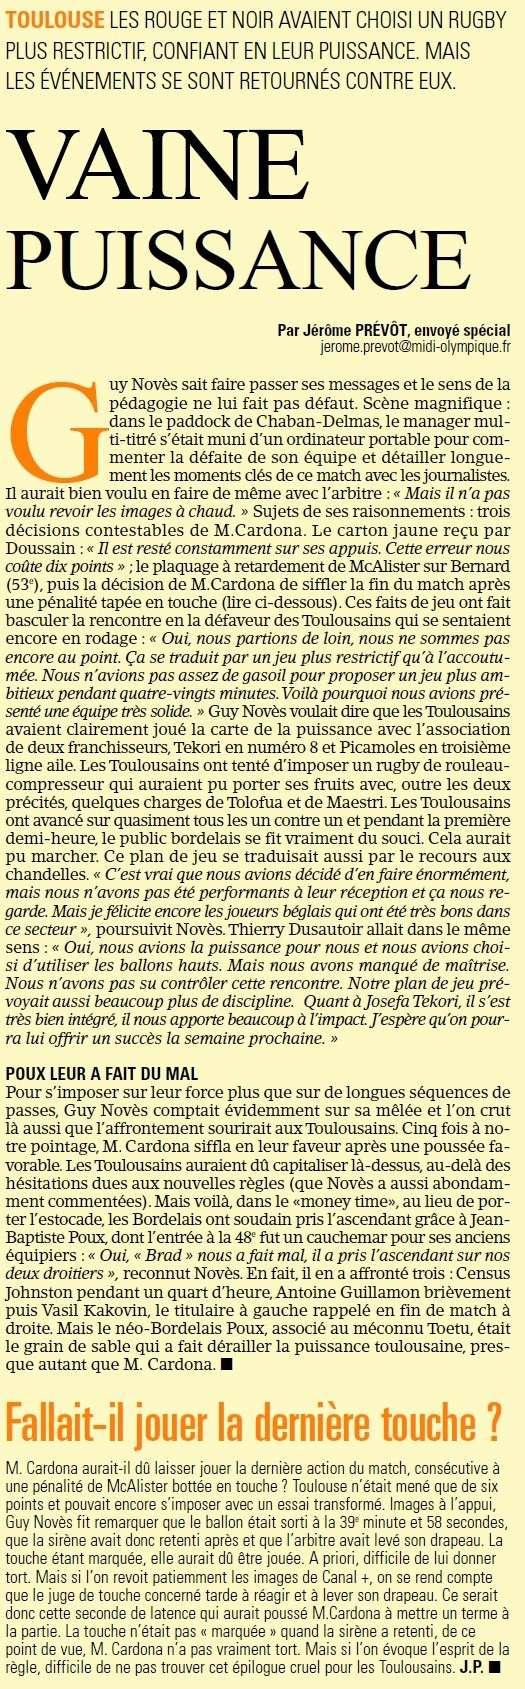 Top 14 - 1ère journée : UBB / Toulouse - Page 7 Sans_t44